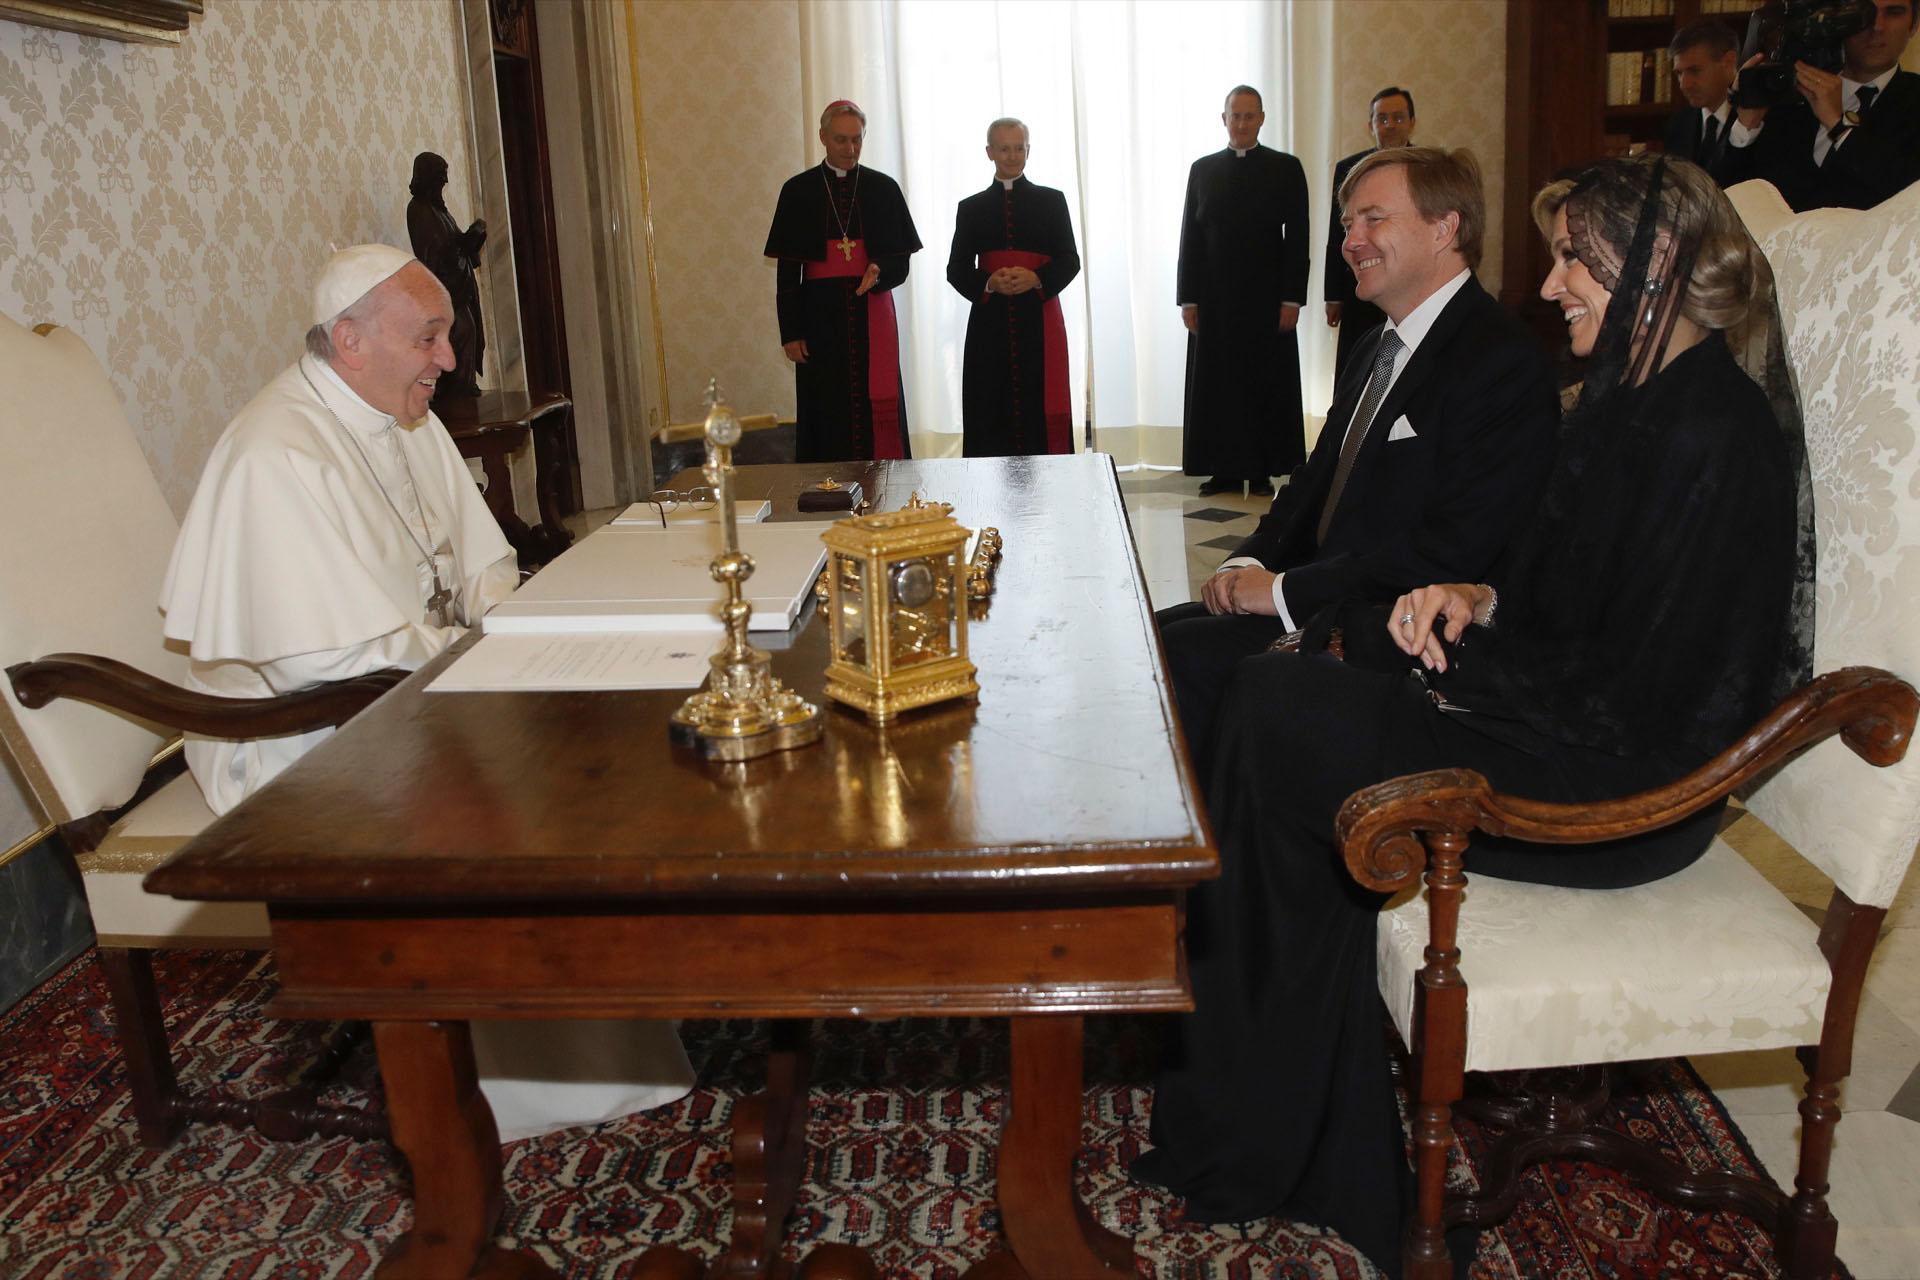 Su frescura y espontaneidad rompe los protocolos. Junto al rey Guillermo en su visita al Papa Francisco.